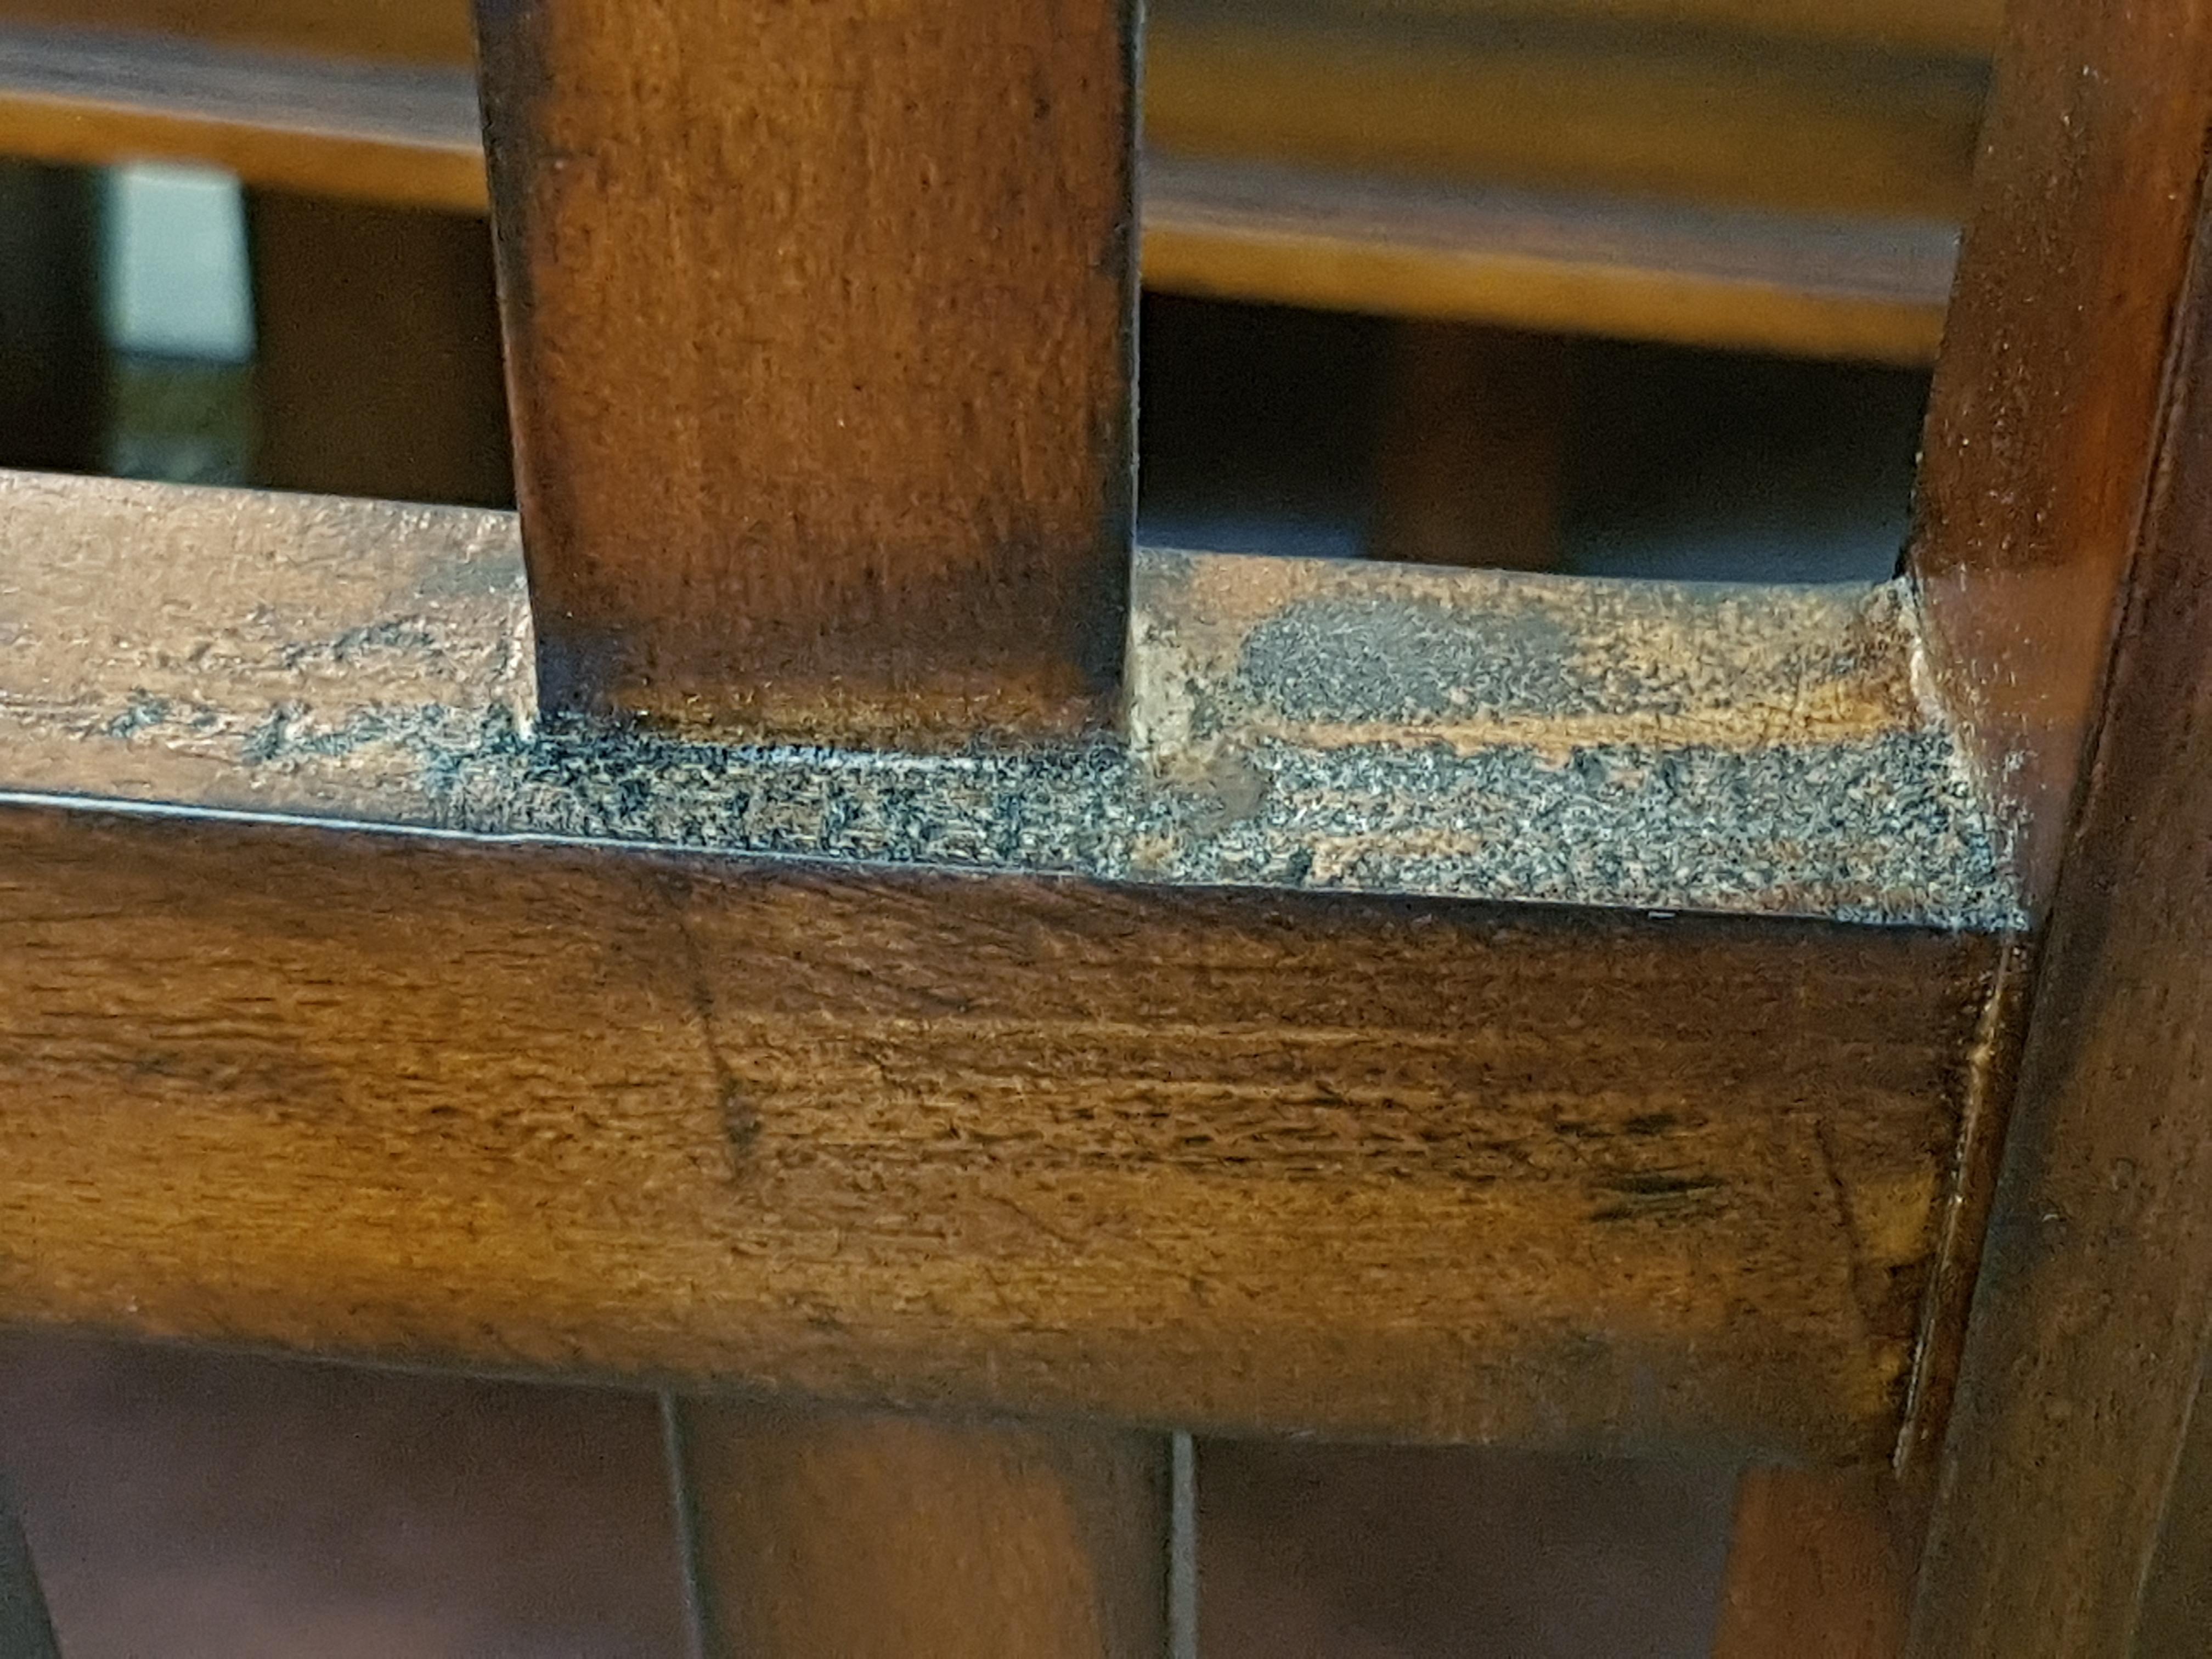 Bel Furniture   Sugar Land 4989 Sweetwater Blvd, Sugar Land, TX 77479    YP.com